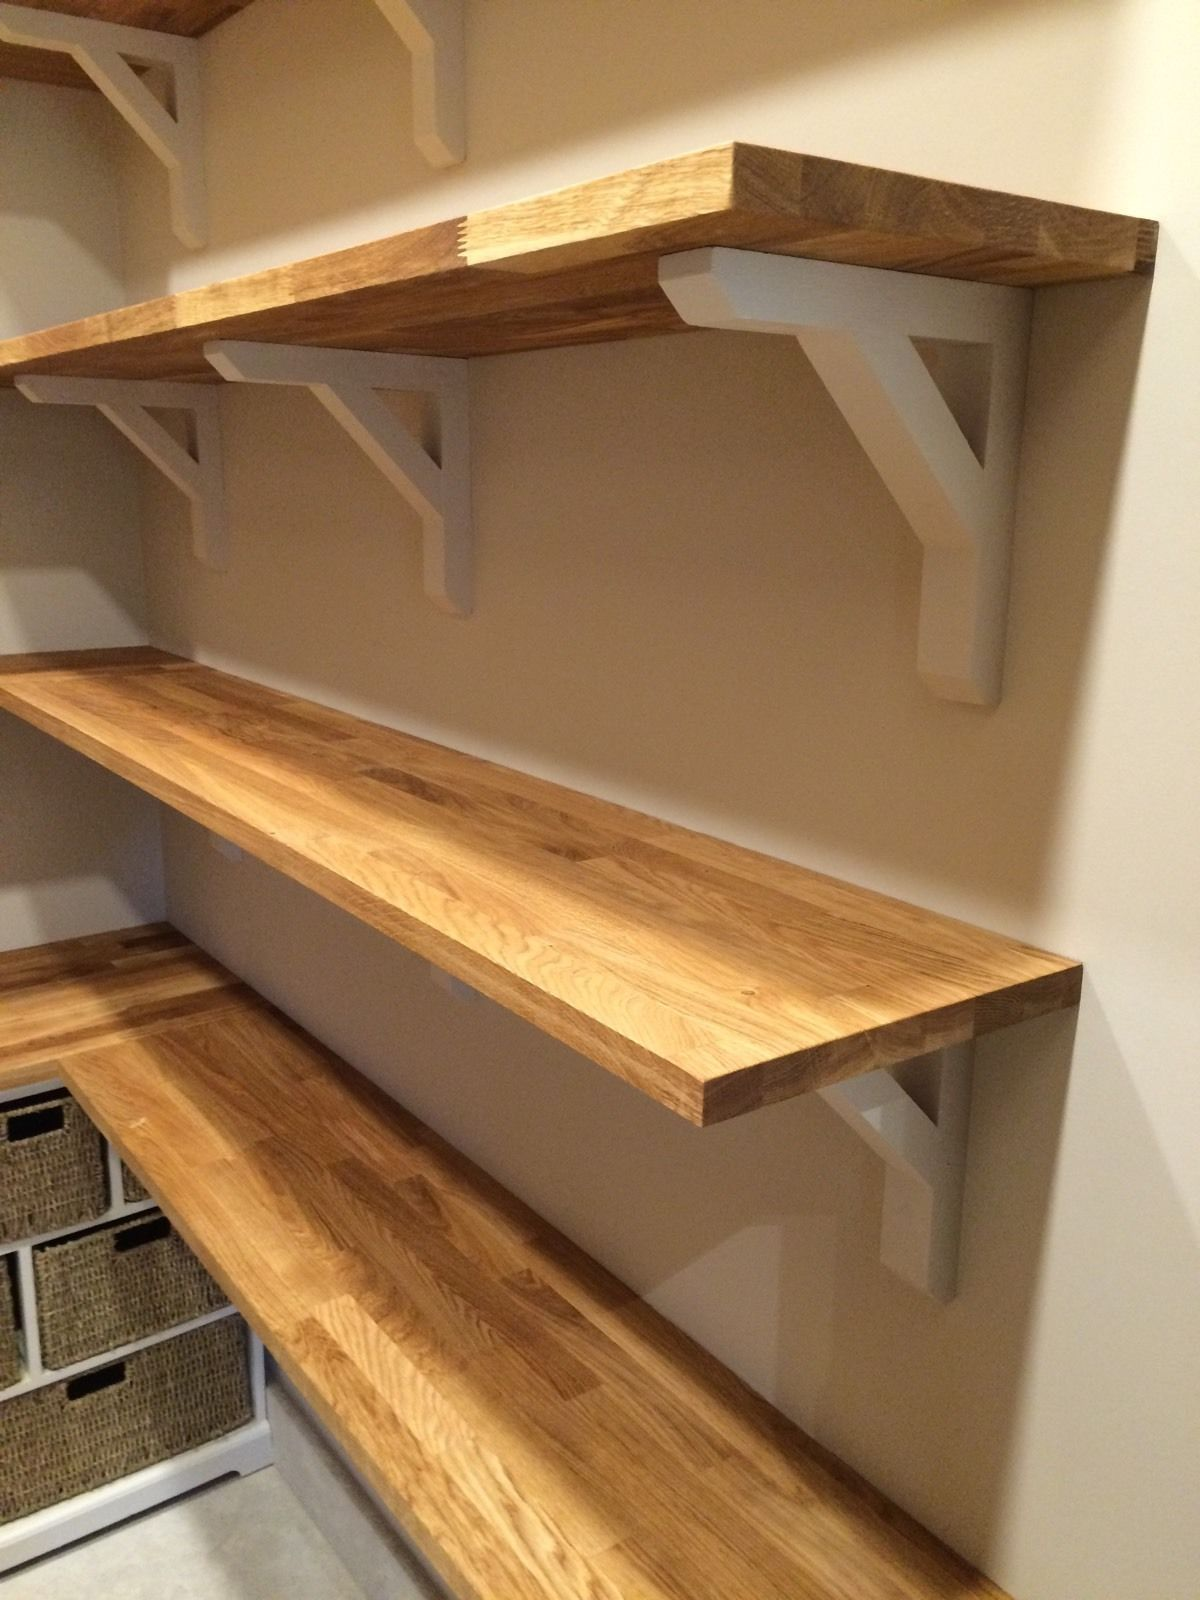 Details about handmade wooden shelf brackets gallows